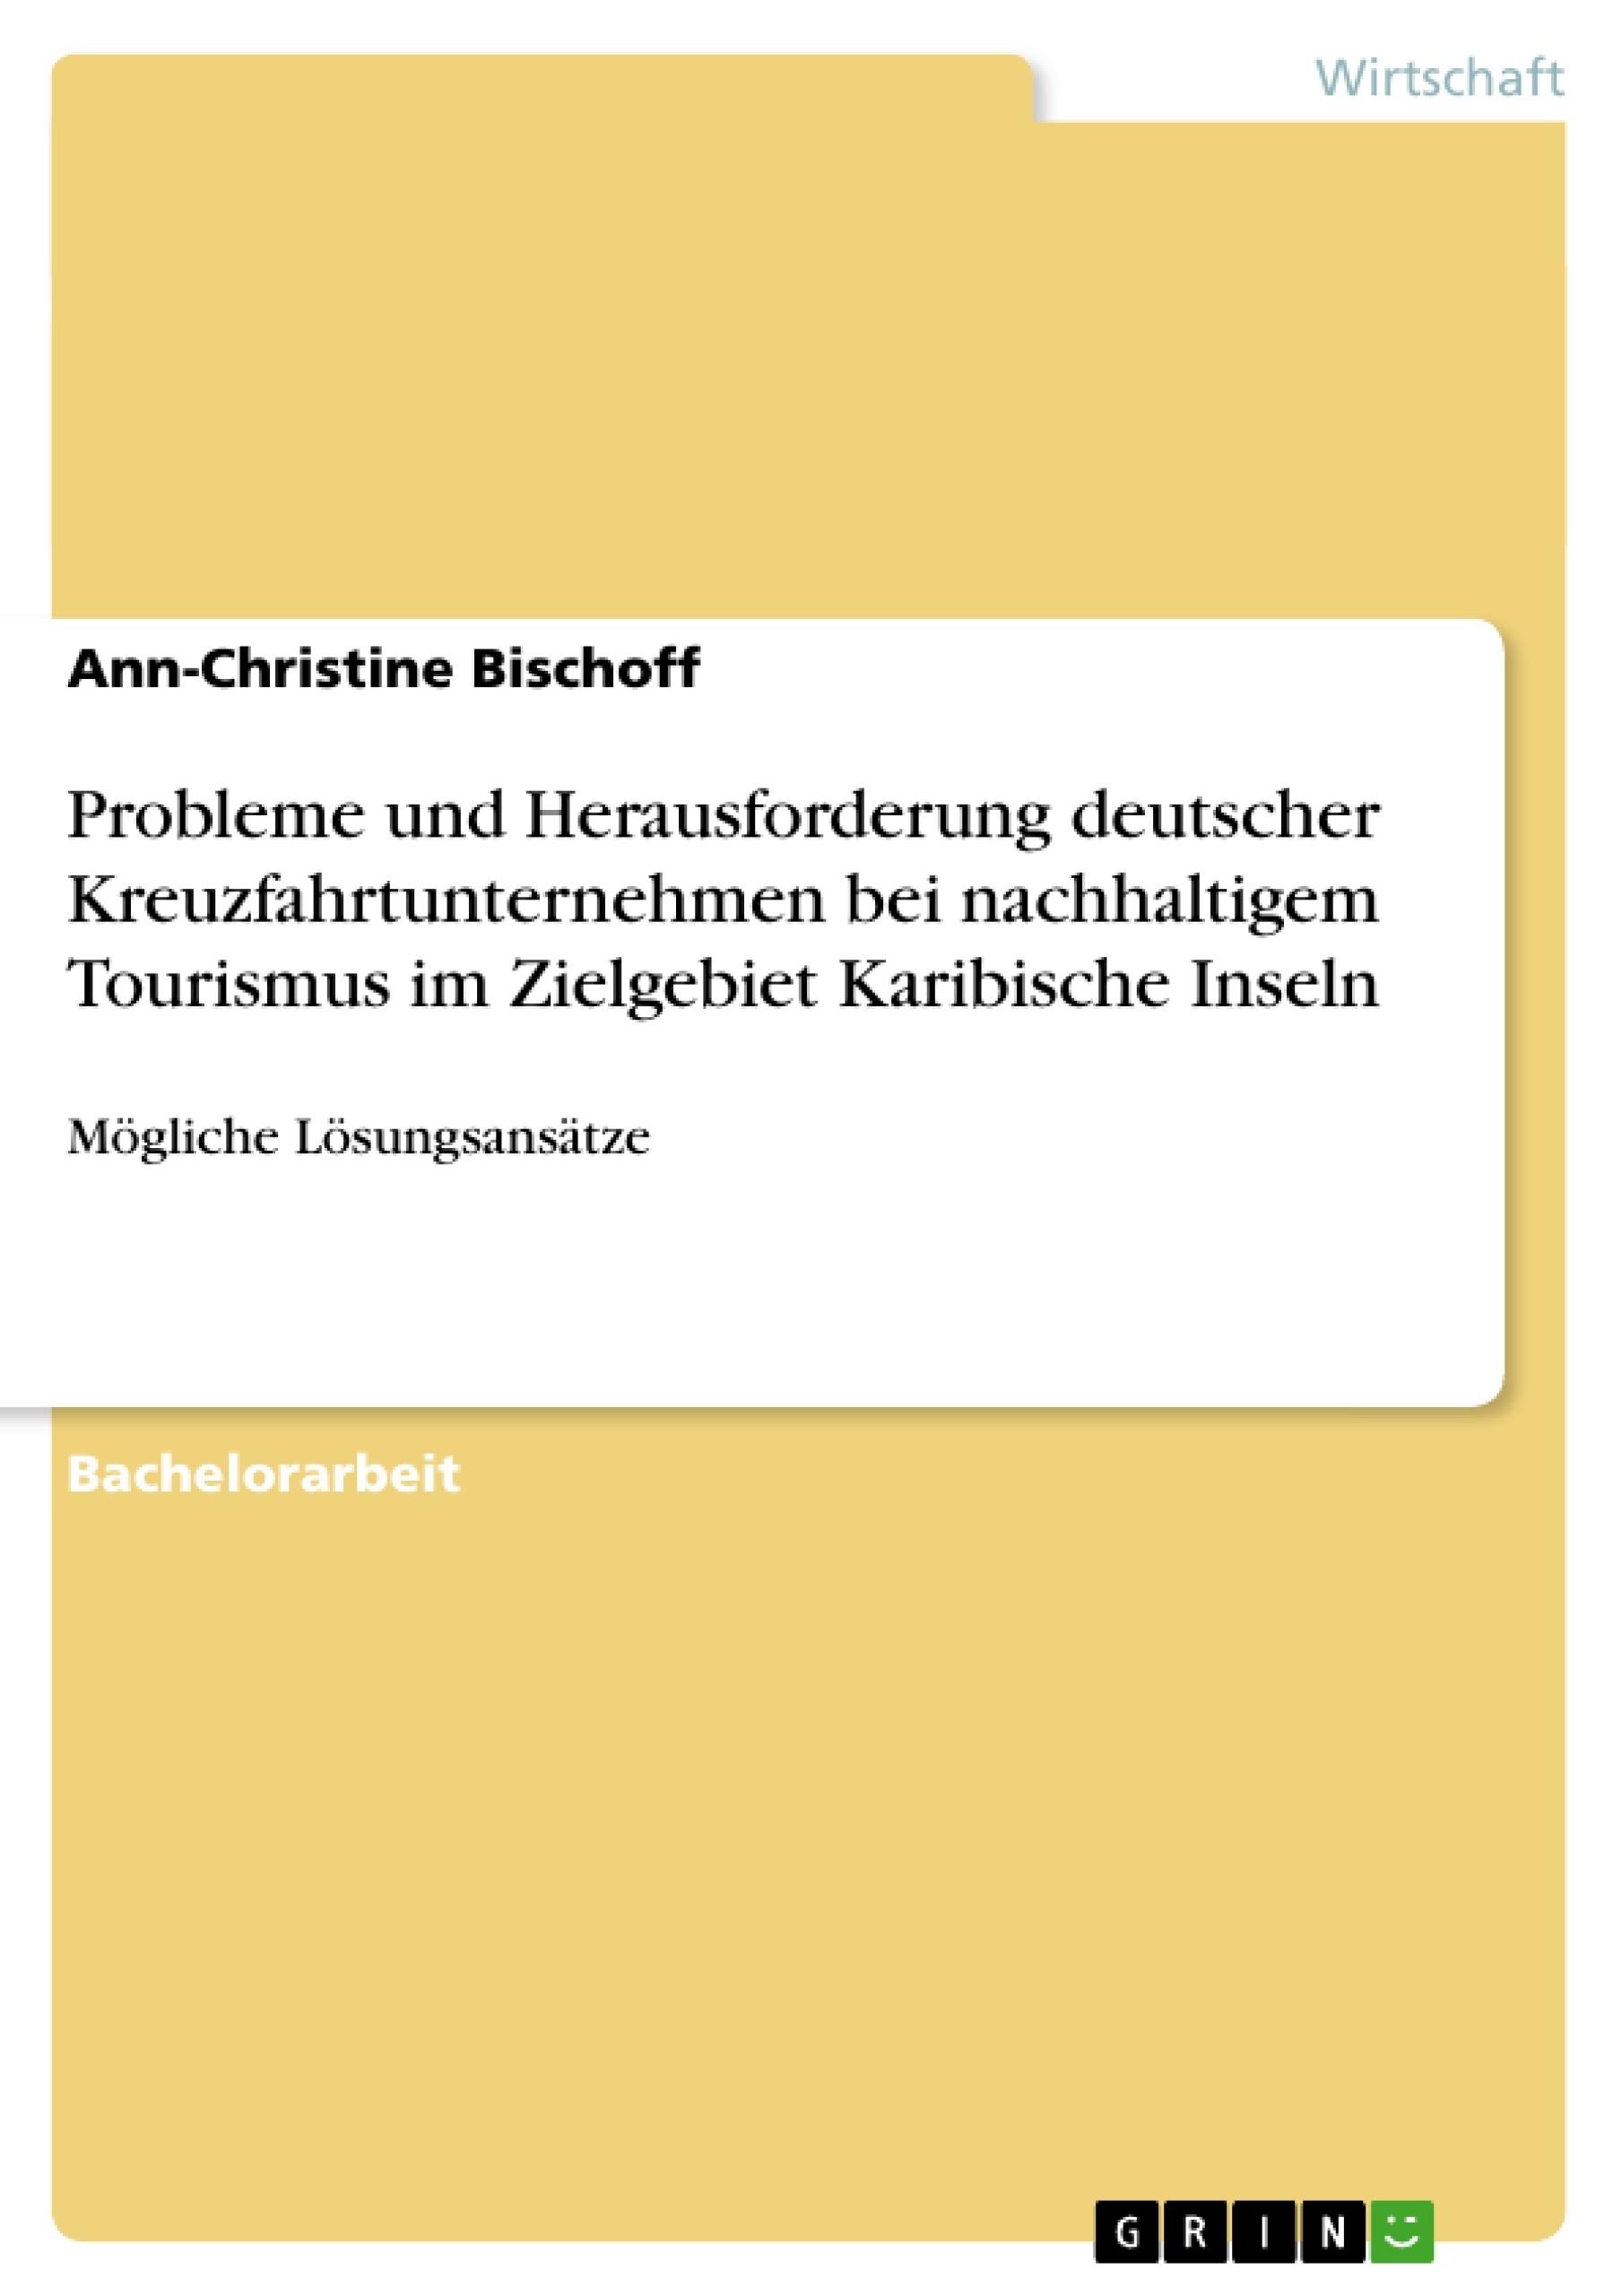 Titel: Probleme und Herausforderung deutscher Kreuzfahrtunternehmen bei nachhaltigem Tourismus im Zielgebiet Karibische Inseln